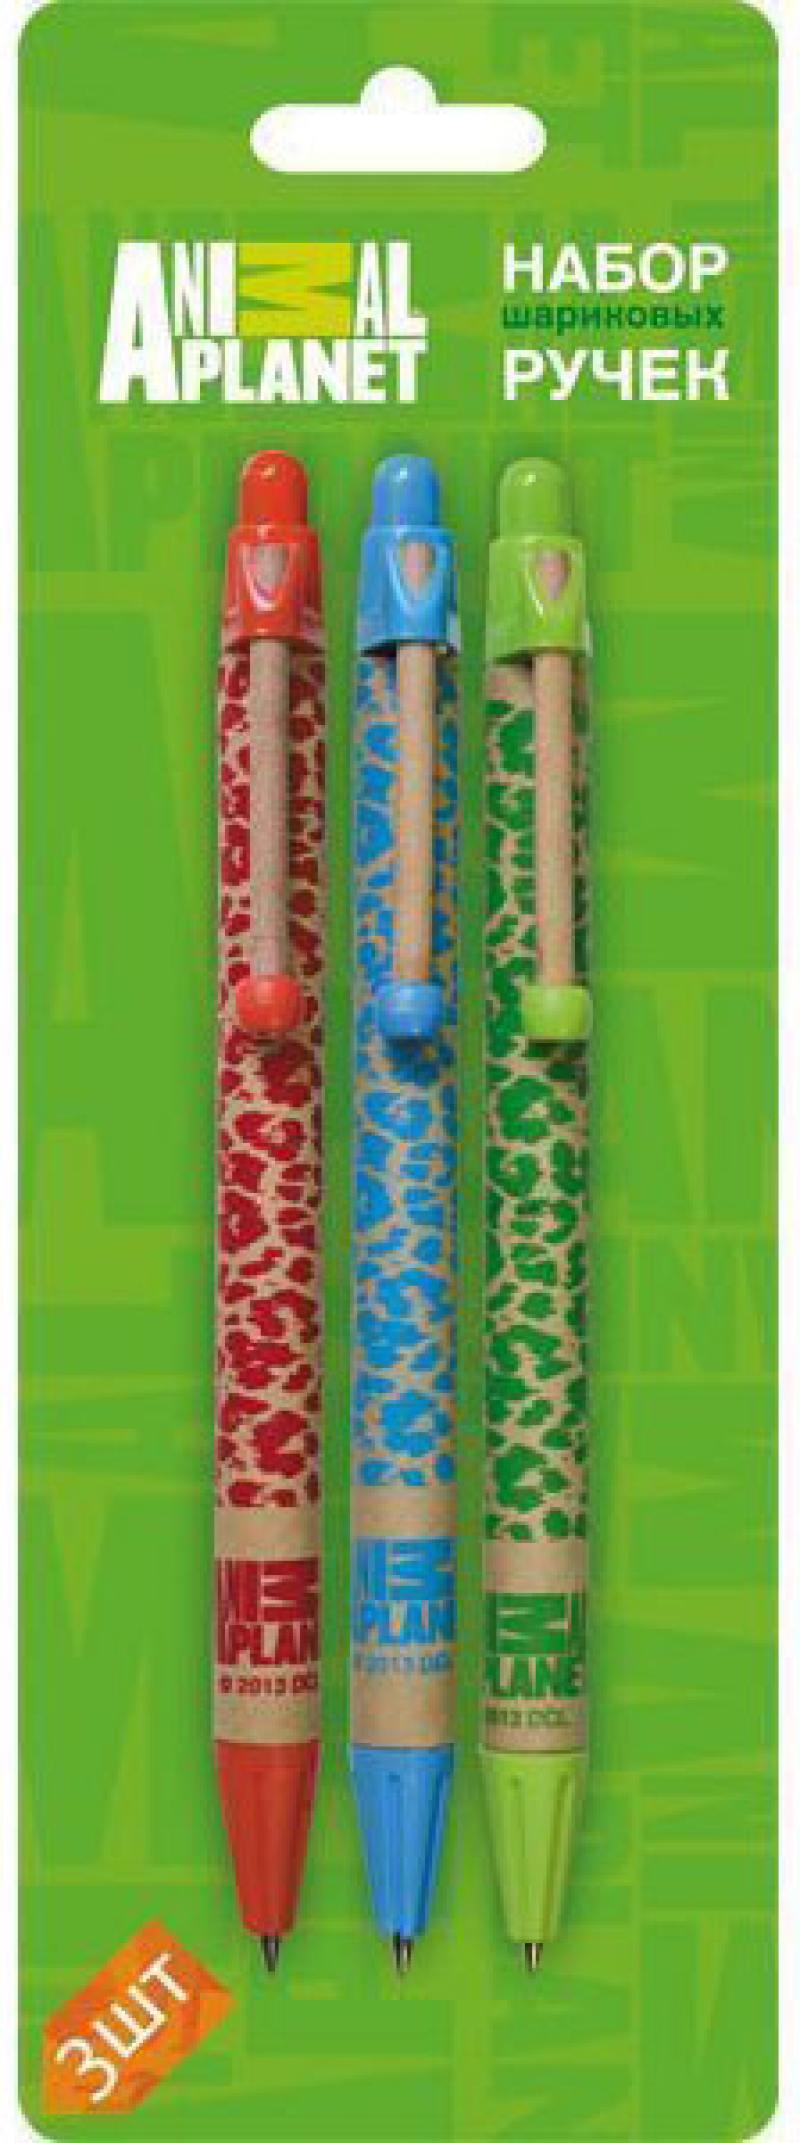 Набор шариковых ручек автоматическая Action! Animal Planet 3 шт AP-ABP151/3 AP-ABP151/3 набор шариковых ручек стамм ро06 3 шт разноцветный 1 мм ро06